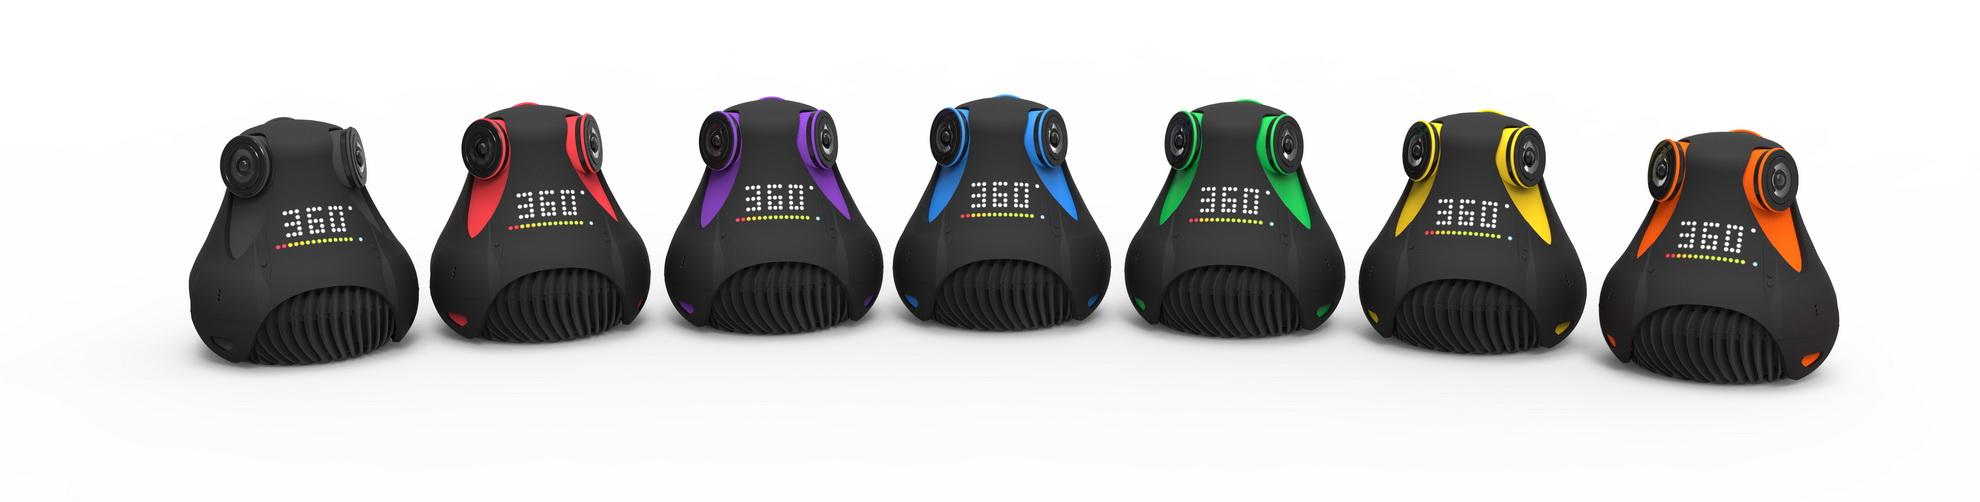 Камера Giroptic 360cam: Технические характеристики